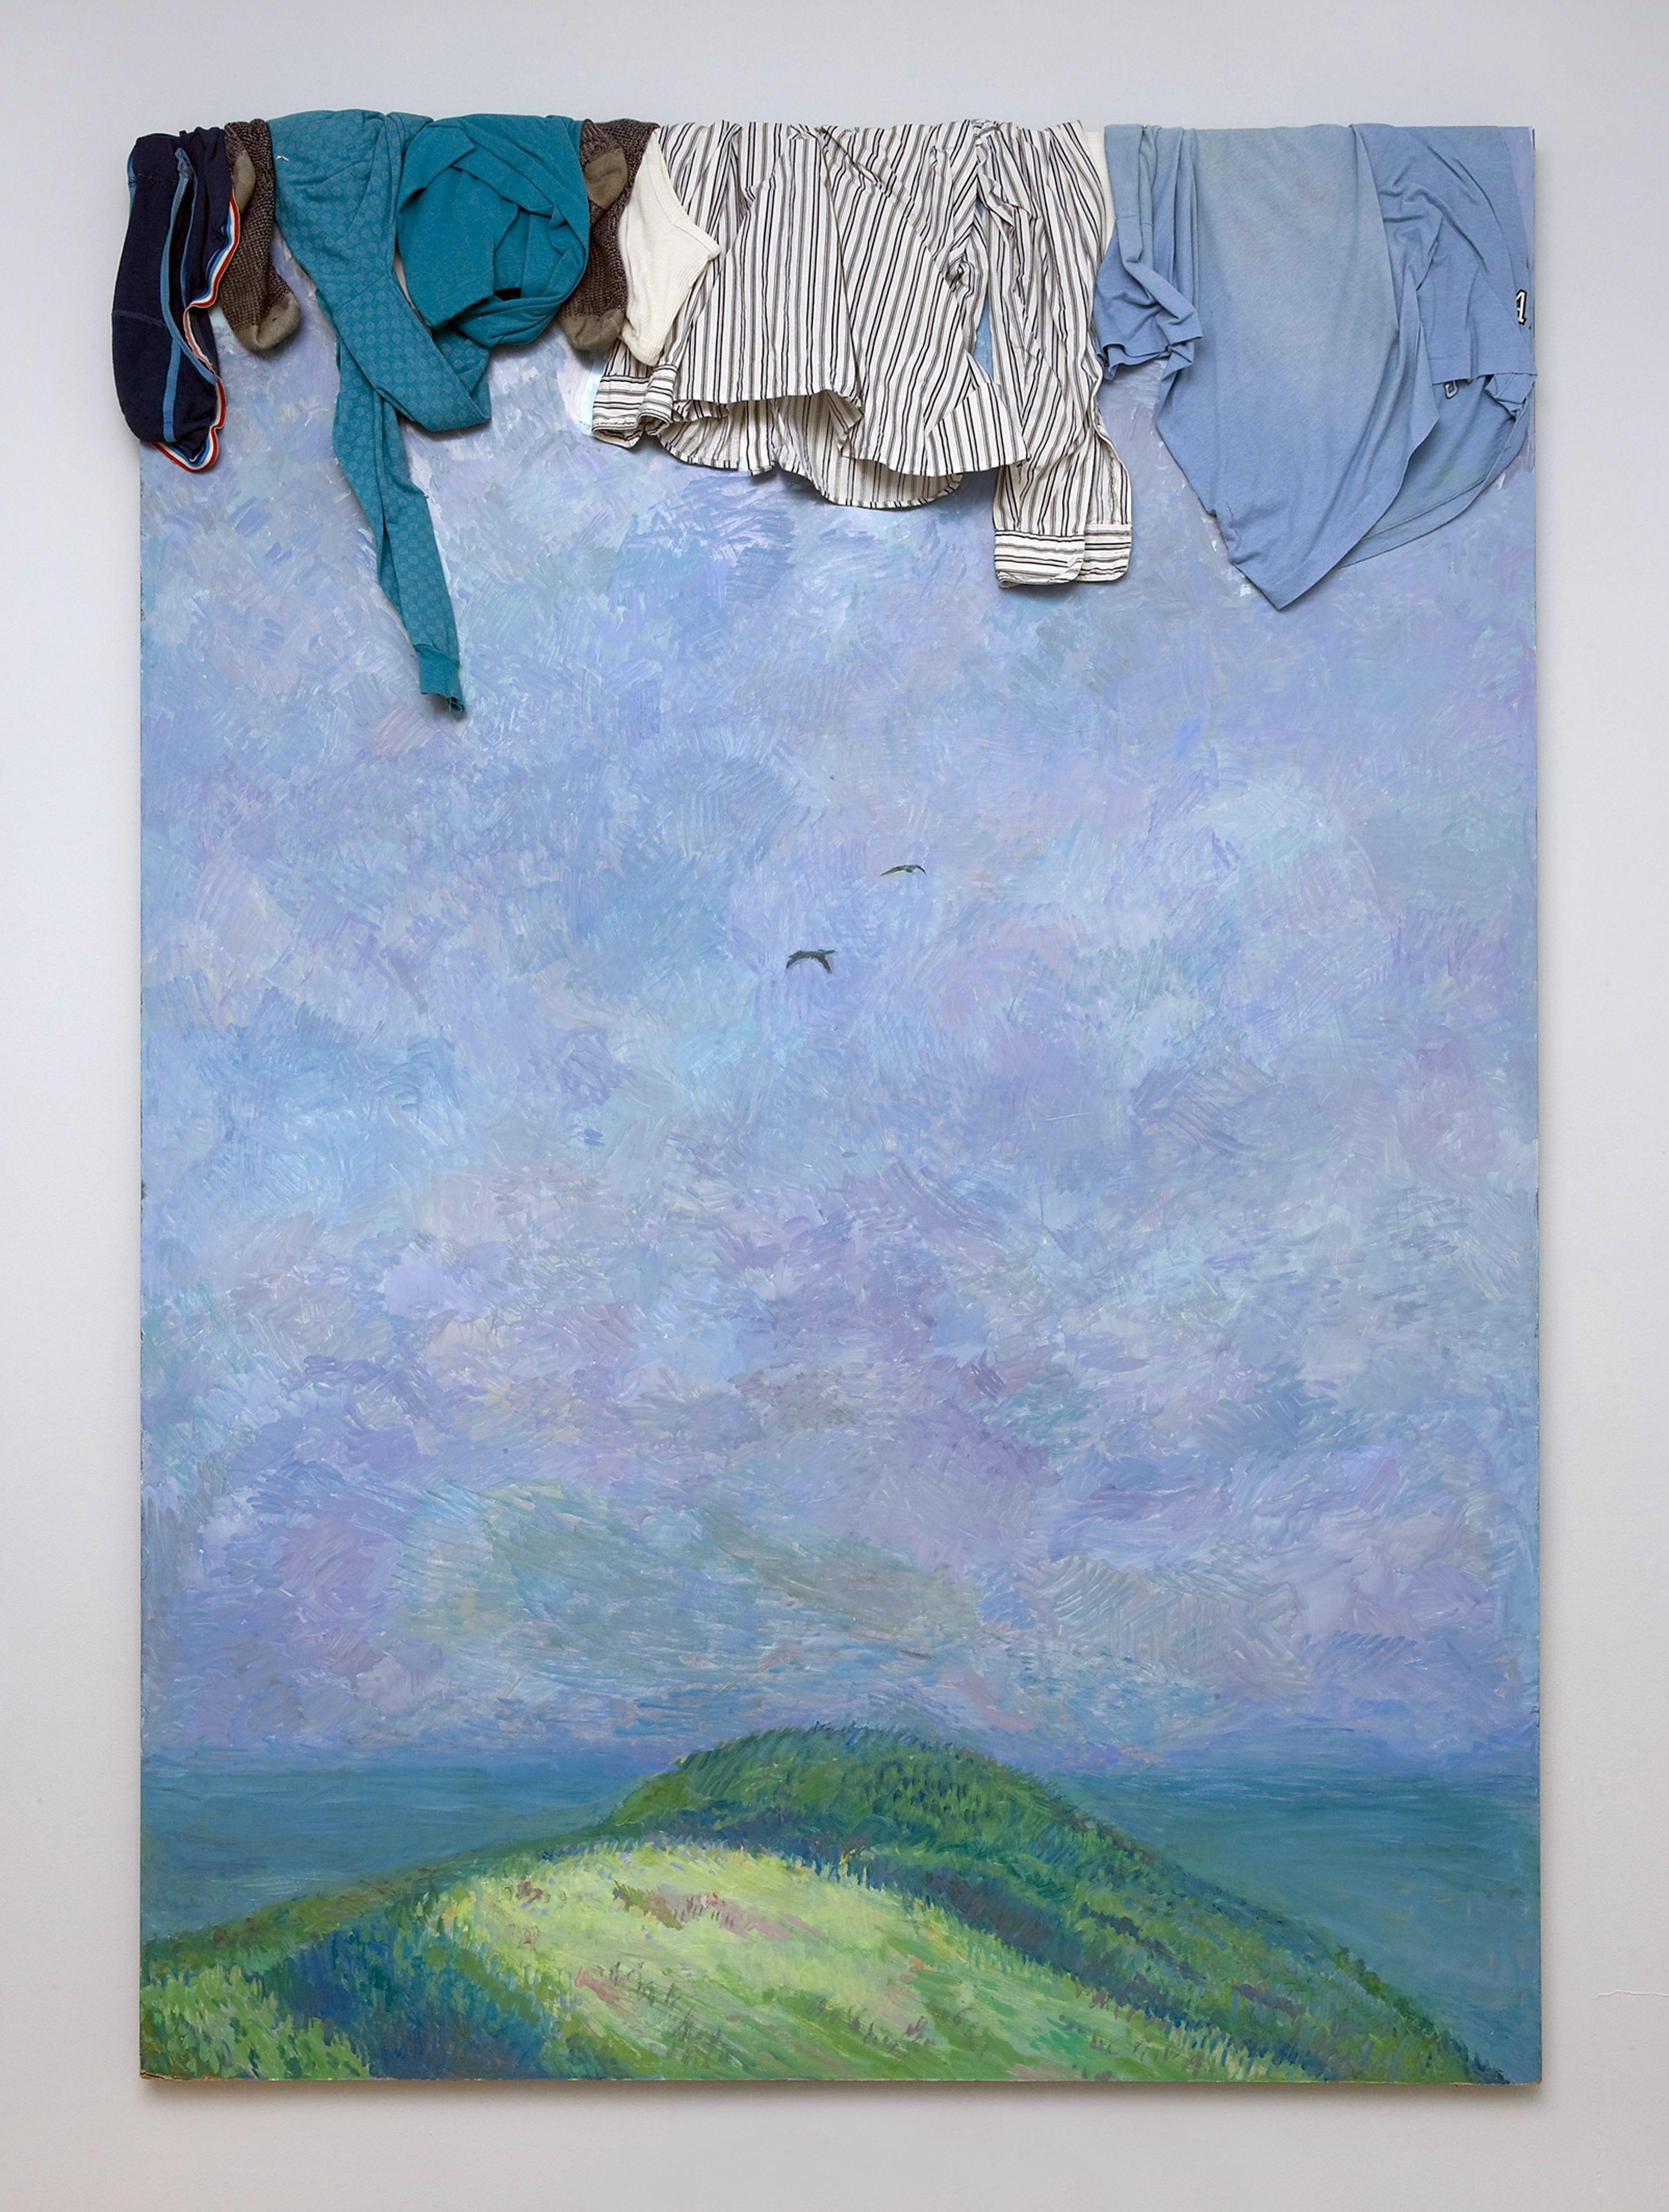 Илья Кабаков. Пейзаж с горами. 1989. В феврале 2008-го его «Жук» был продан на аукционе Phillips de Pury & Co за $5,8 млн